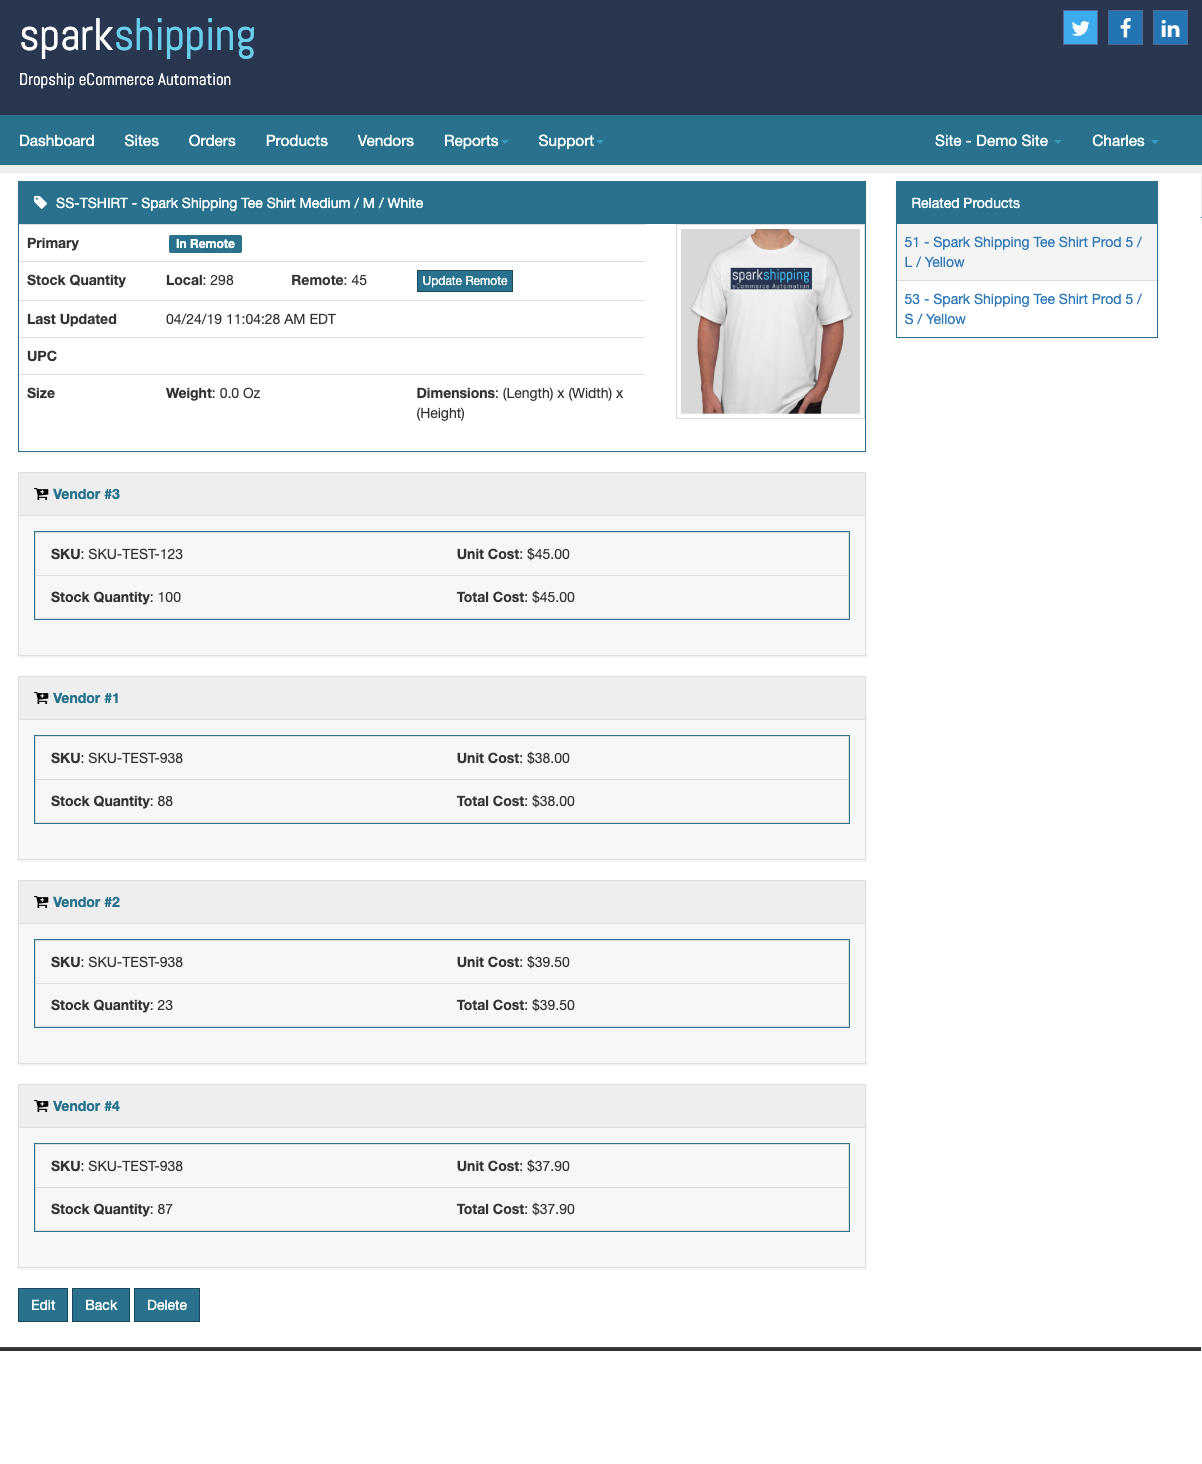 multiple_vendor_product_management-d11799b8b829219064c3226af961a808d212ac60266f4c9cfc55e77ed7d64919